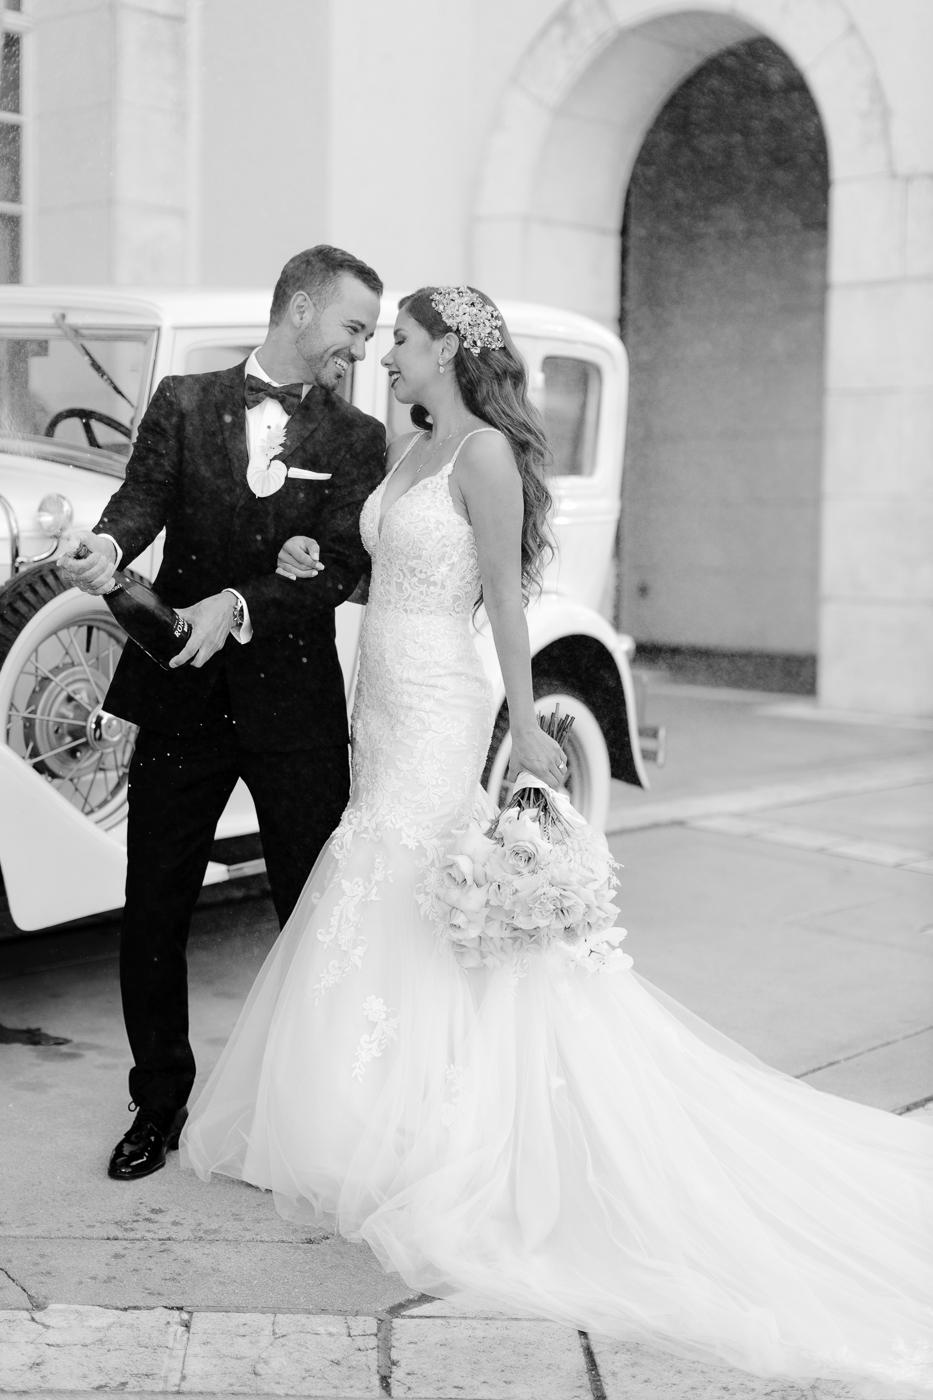 Karen & Caio – First Look (30 of 36)